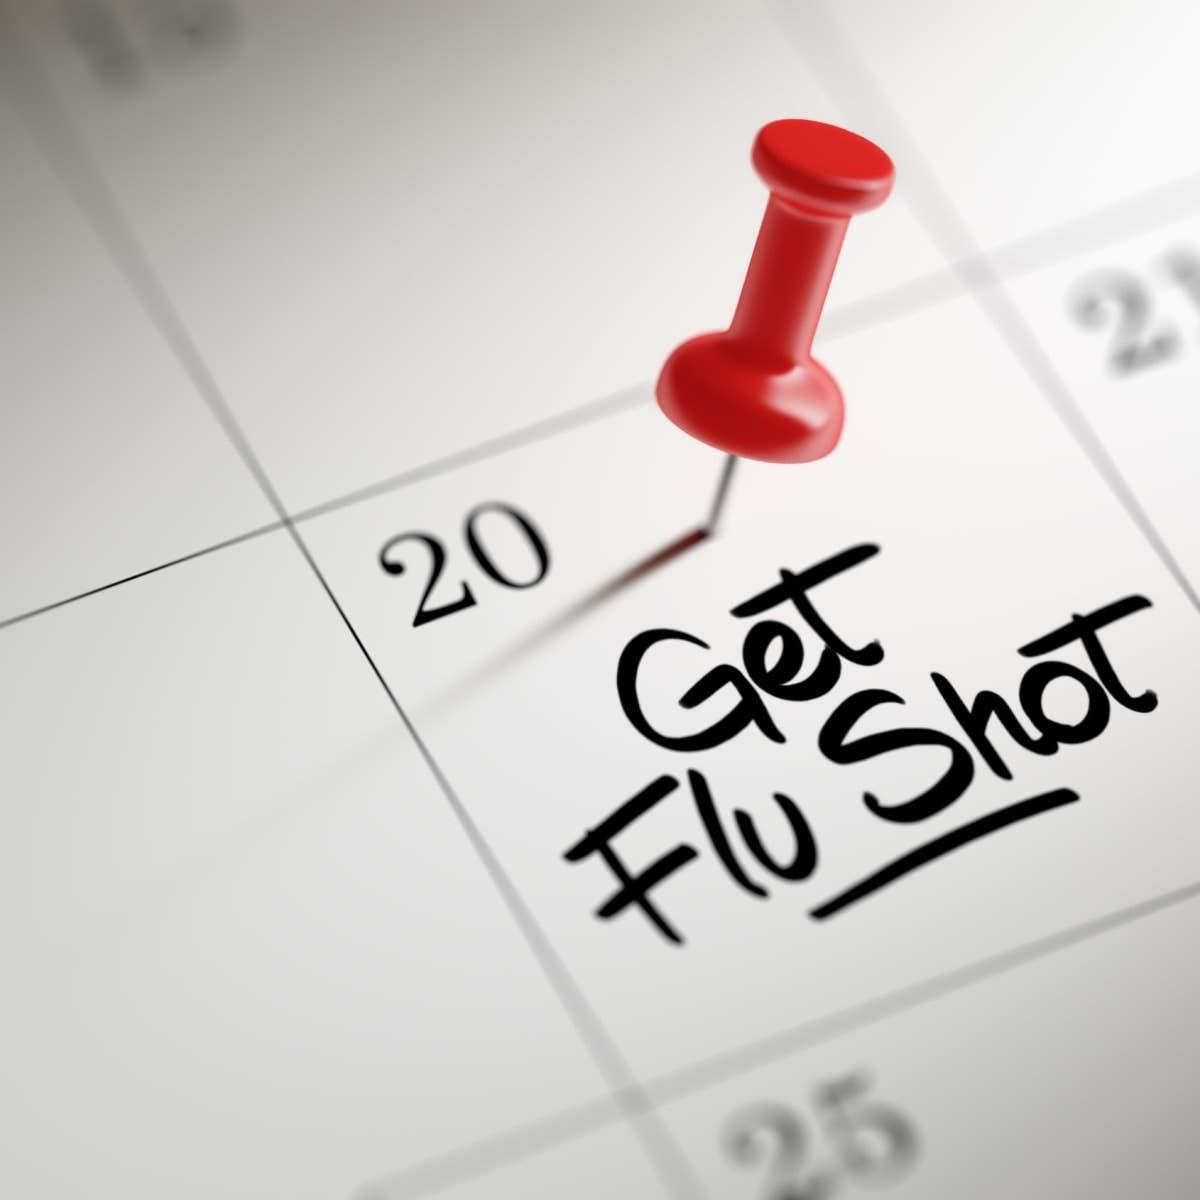 بزمن الوباء.. ما أفضل توقيت للحصول على لقاح الأنفلونزا؟